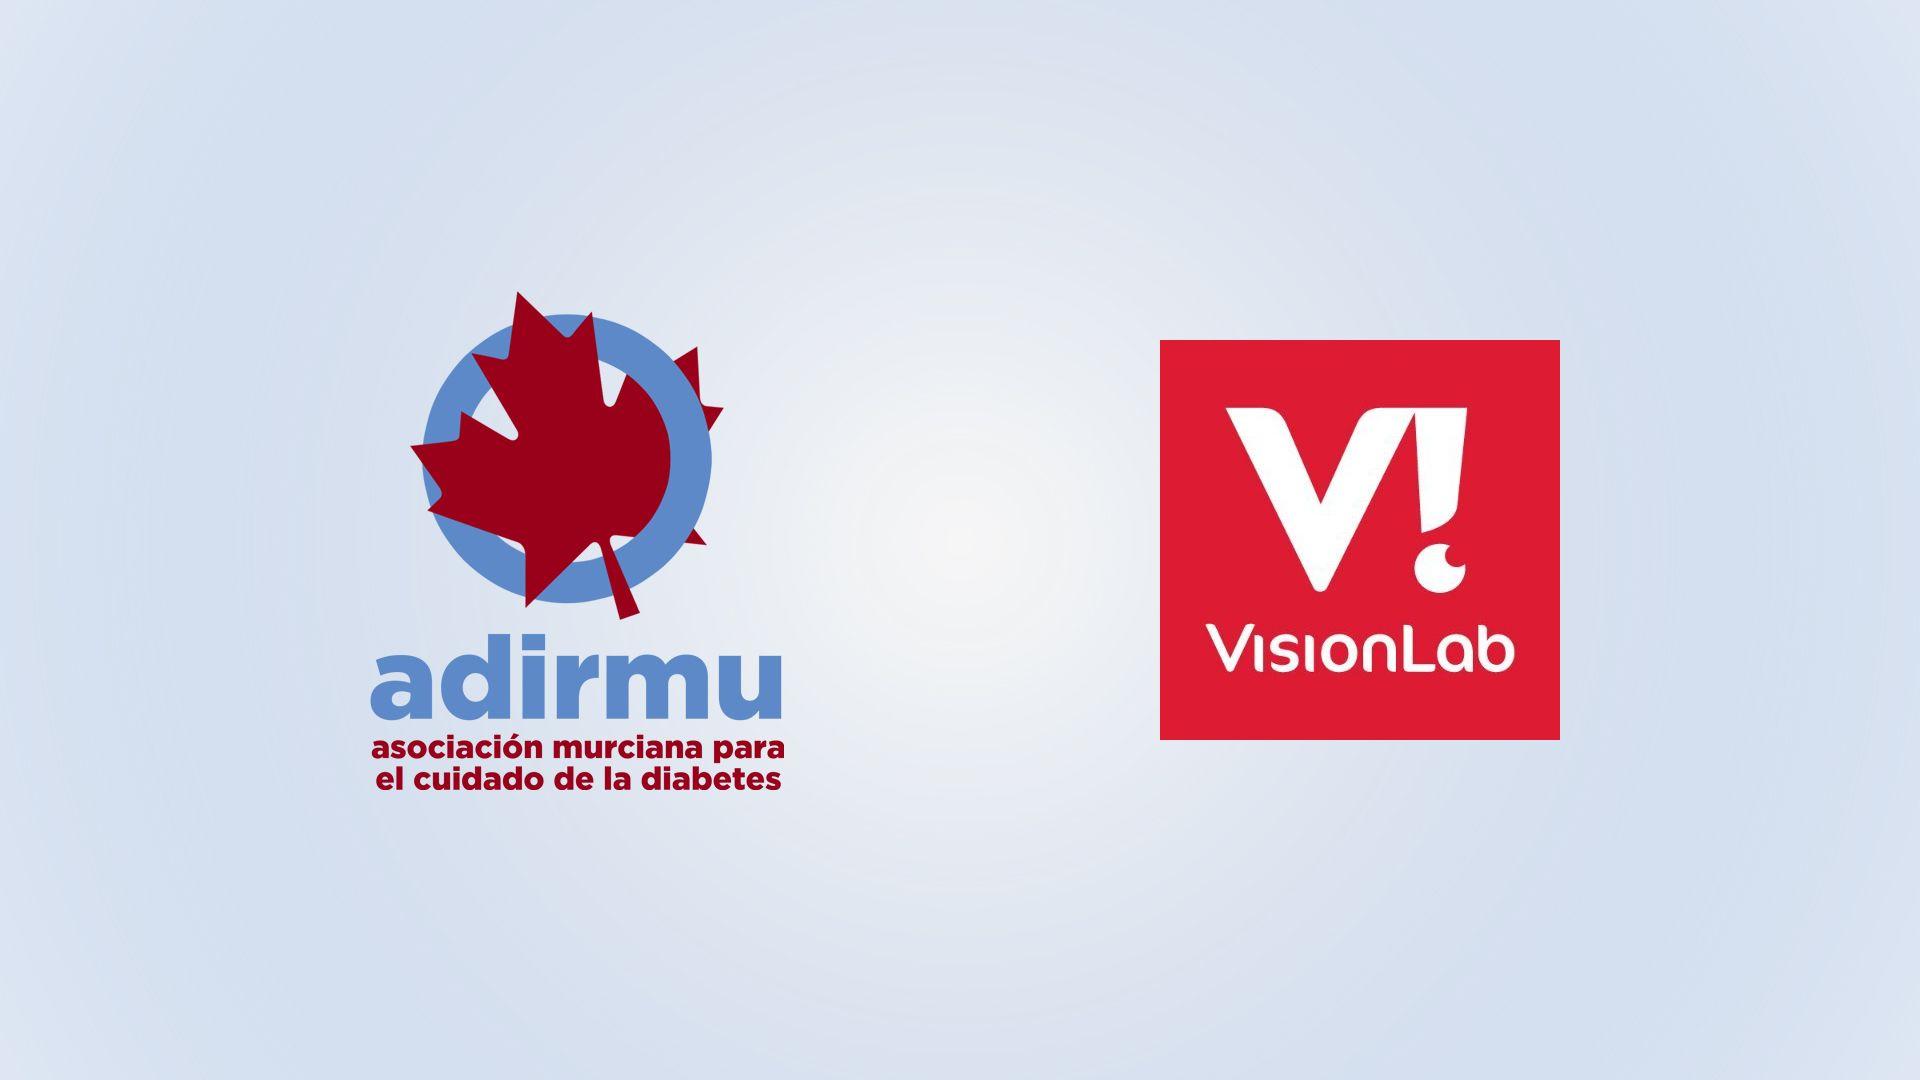 convenio visionlab